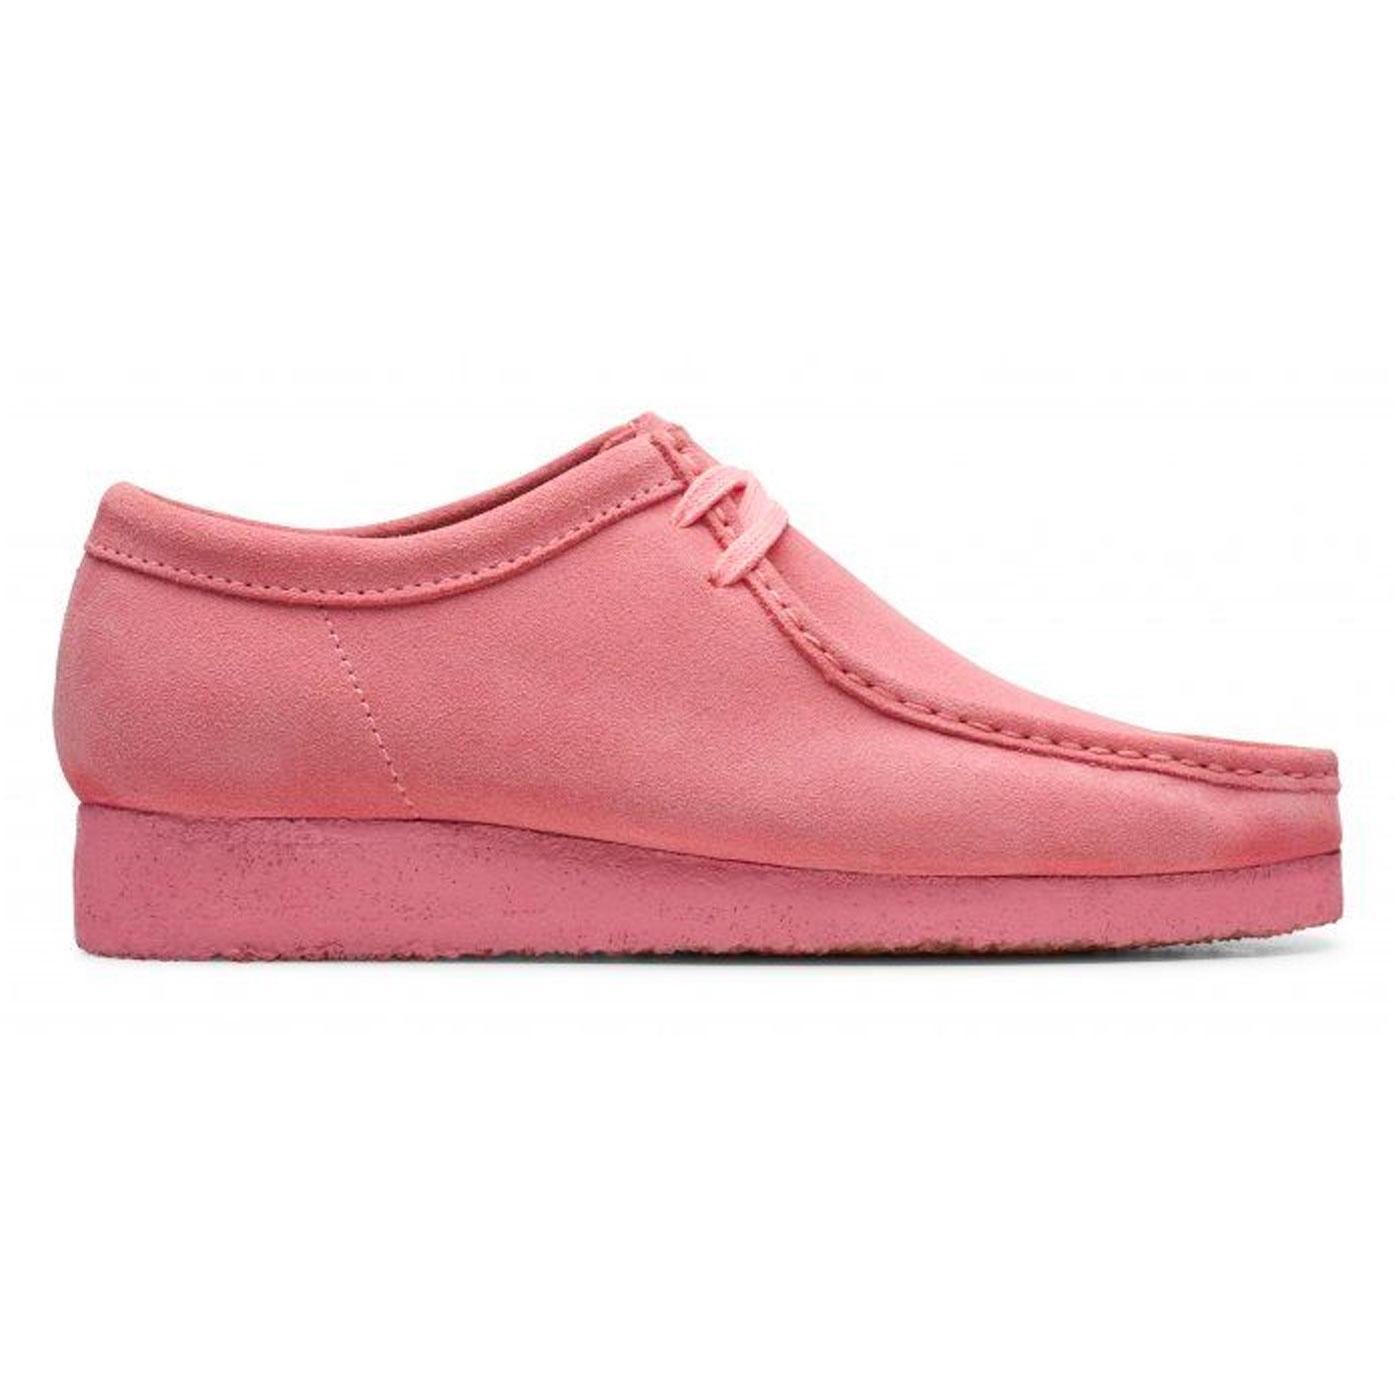 Wallabee Women's CLARKS ORIGINALS Suede Shoes (BP)